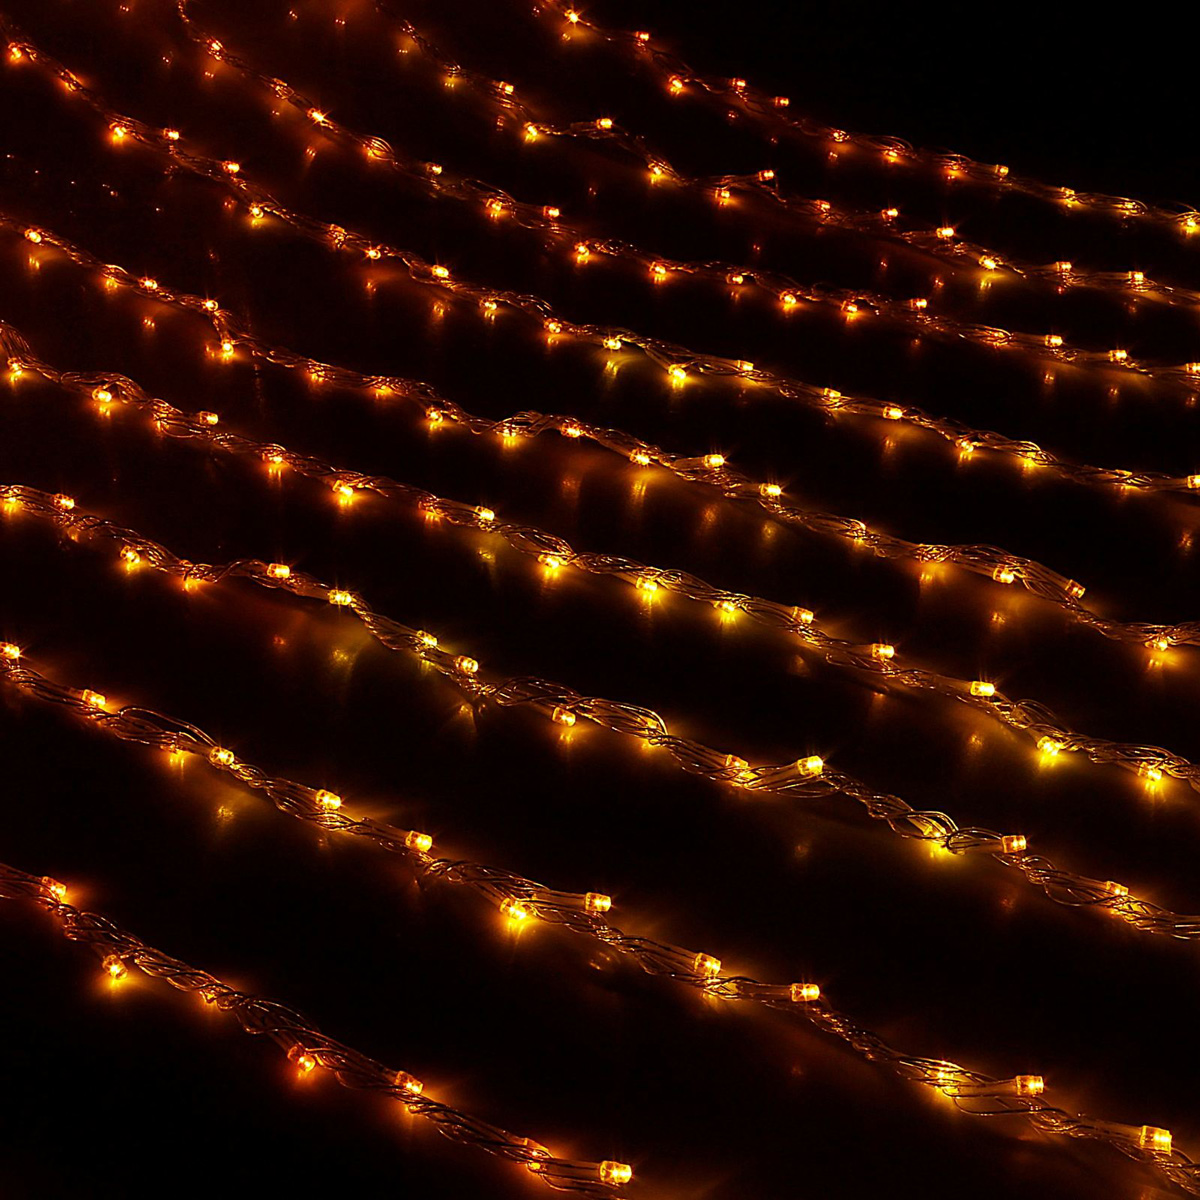 Гирлянда светодиодная Luazon Дождь, уличная, 8 режимов, 400 ламп, 220 V, цвет: желтый, 2 х 1,5 м. 187291187291Светодиодные гирлянды, ленты и т.д — это отличный вариант для новогоднего оформления интерьера или фасада. С их помощью помещение любого размера можно превратить в праздничный зал, а внешние элементы зданий, украшенные ими, мгновенно станут напоминать очертания сказочного дворца. Такие украшения создают ауру предвкушения чуда. Деревья, фасады, витрины, окна и арки будто специально созданы, чтобы вы украсили их светящимися нитями.